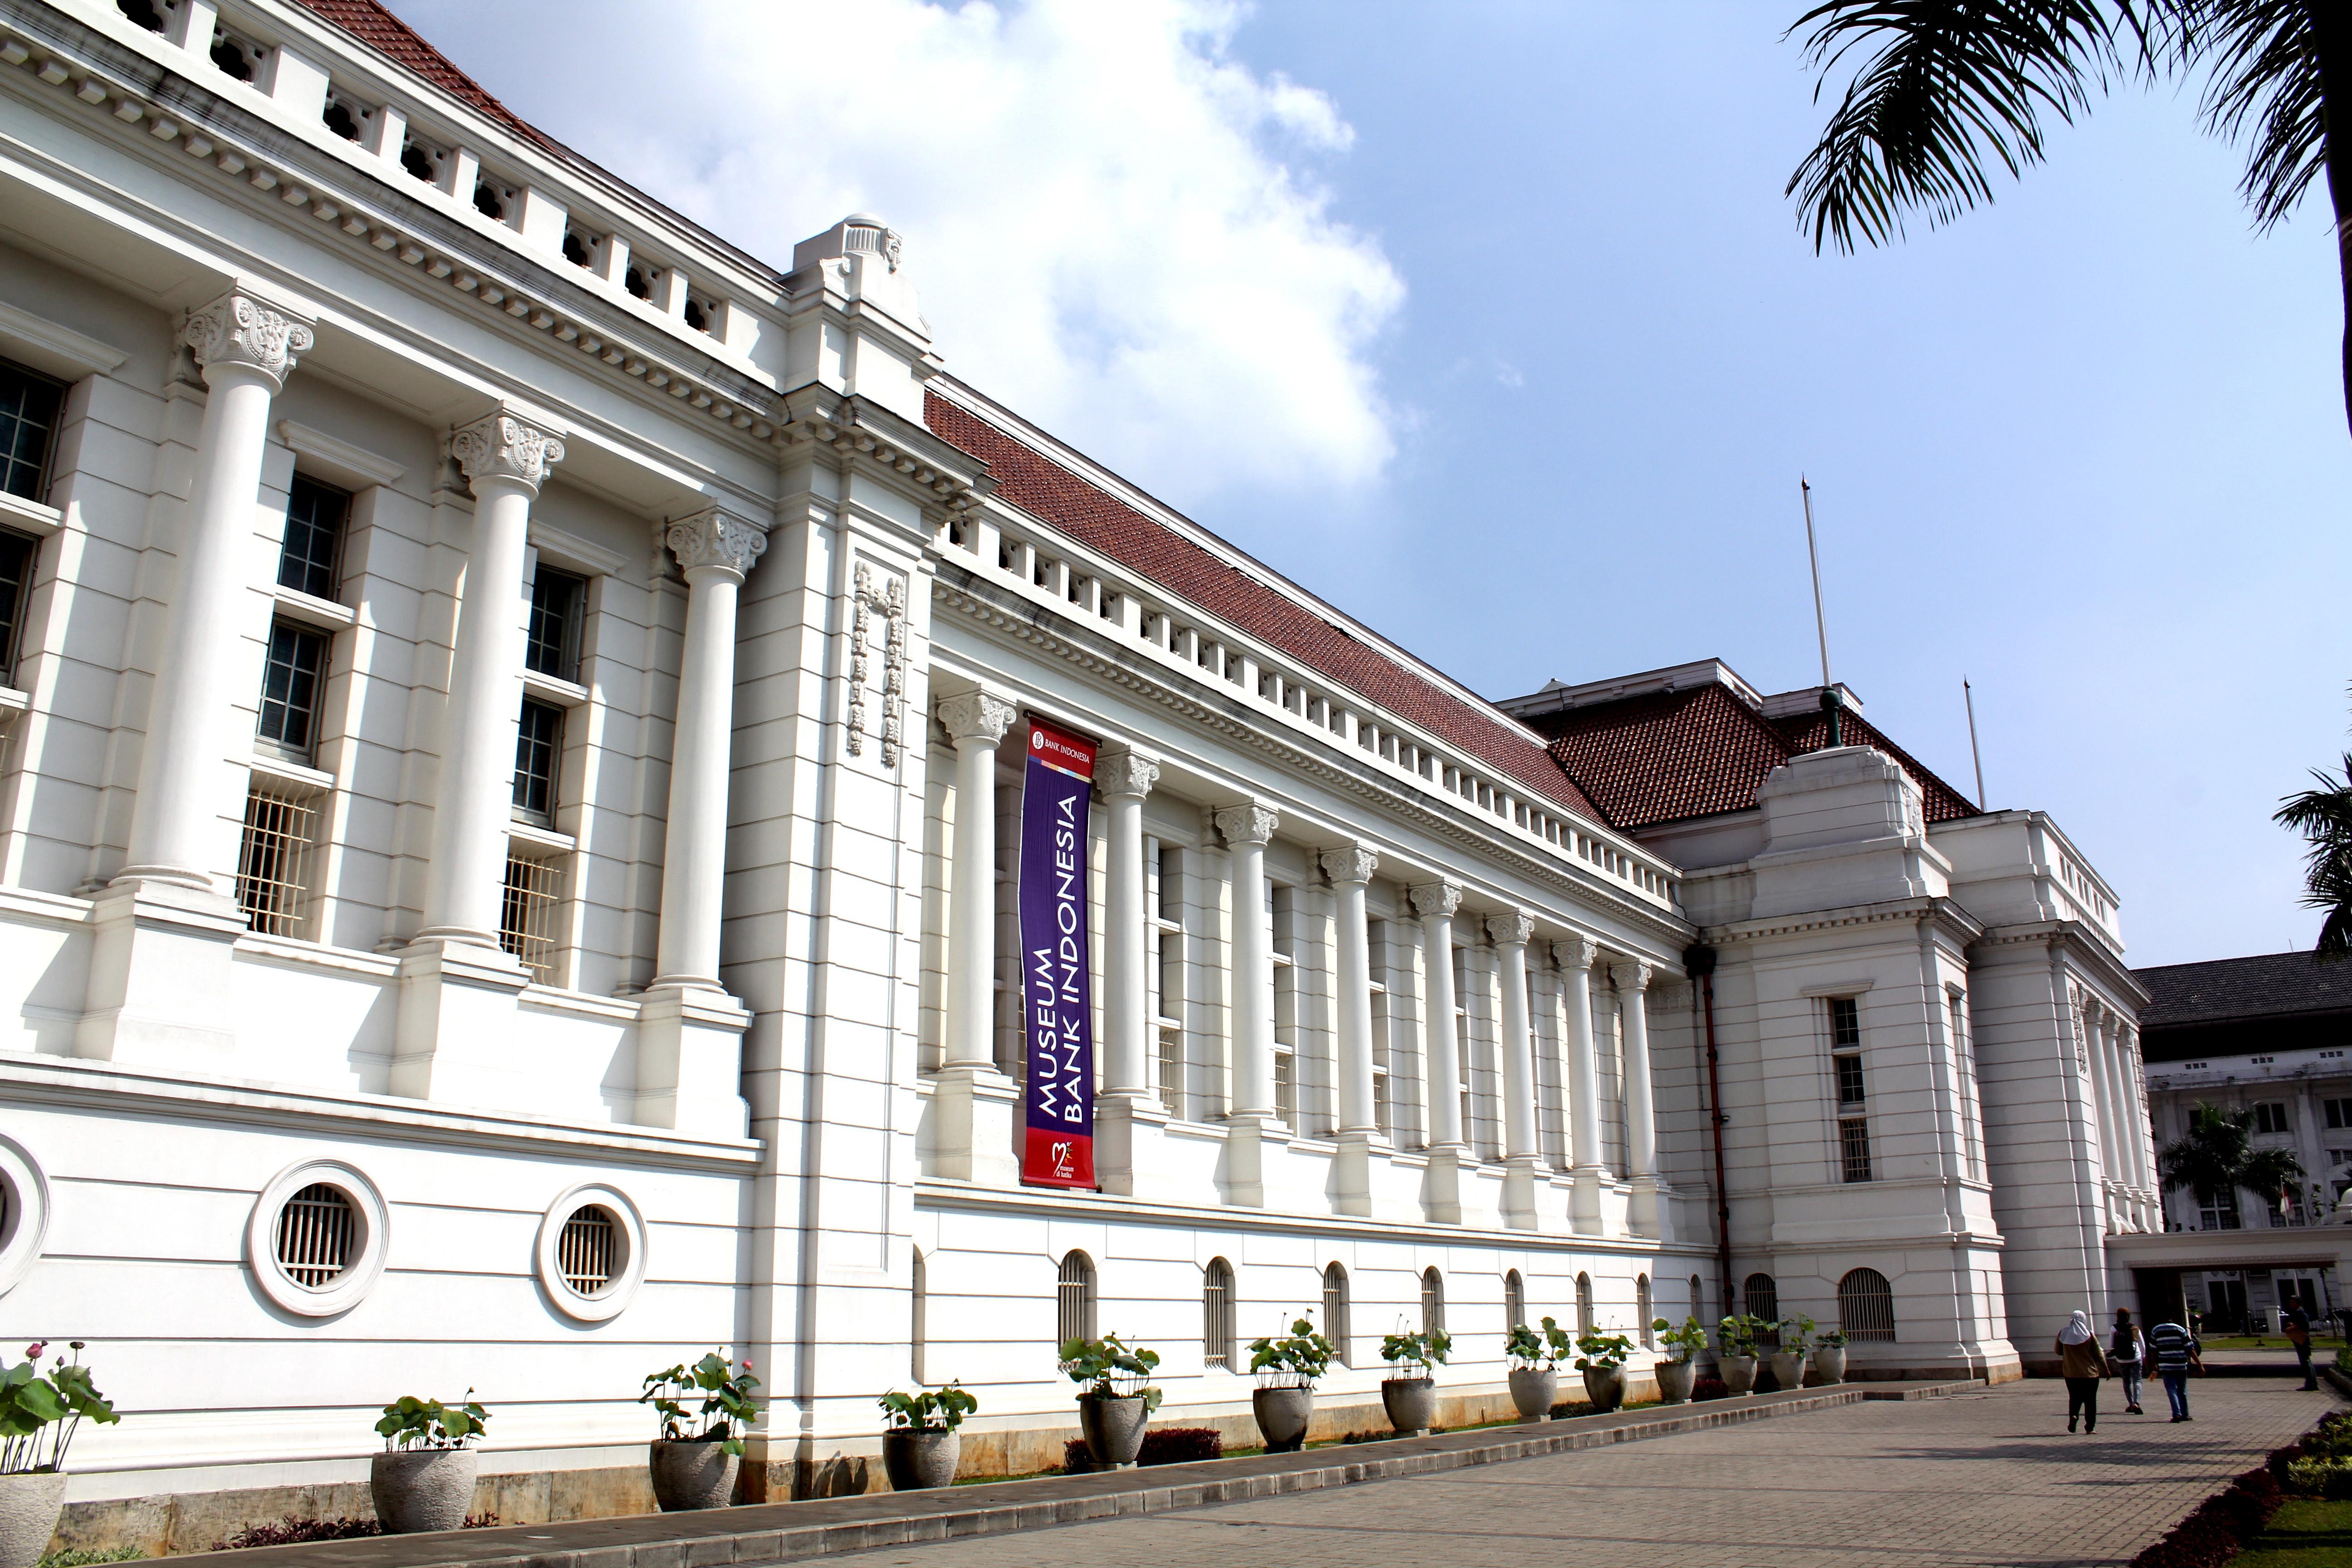 Wisata Ke Museum Bank Indonesia